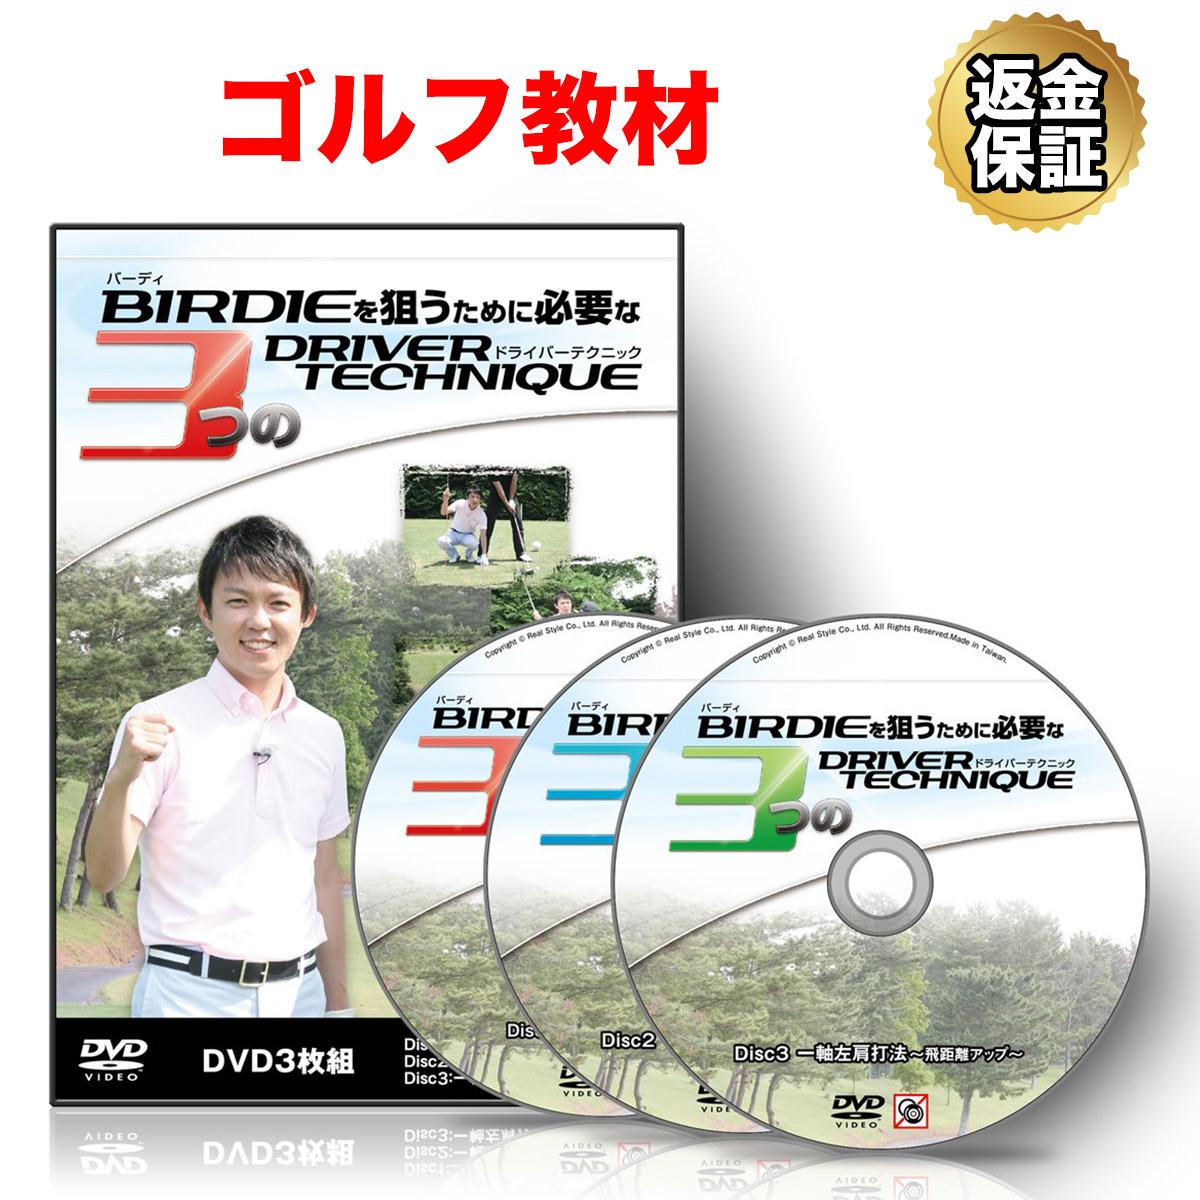 【ゴルフ】吉本巧の「バーディを狙う」ために必要な3つのドライバーテクニック コースマネージメント